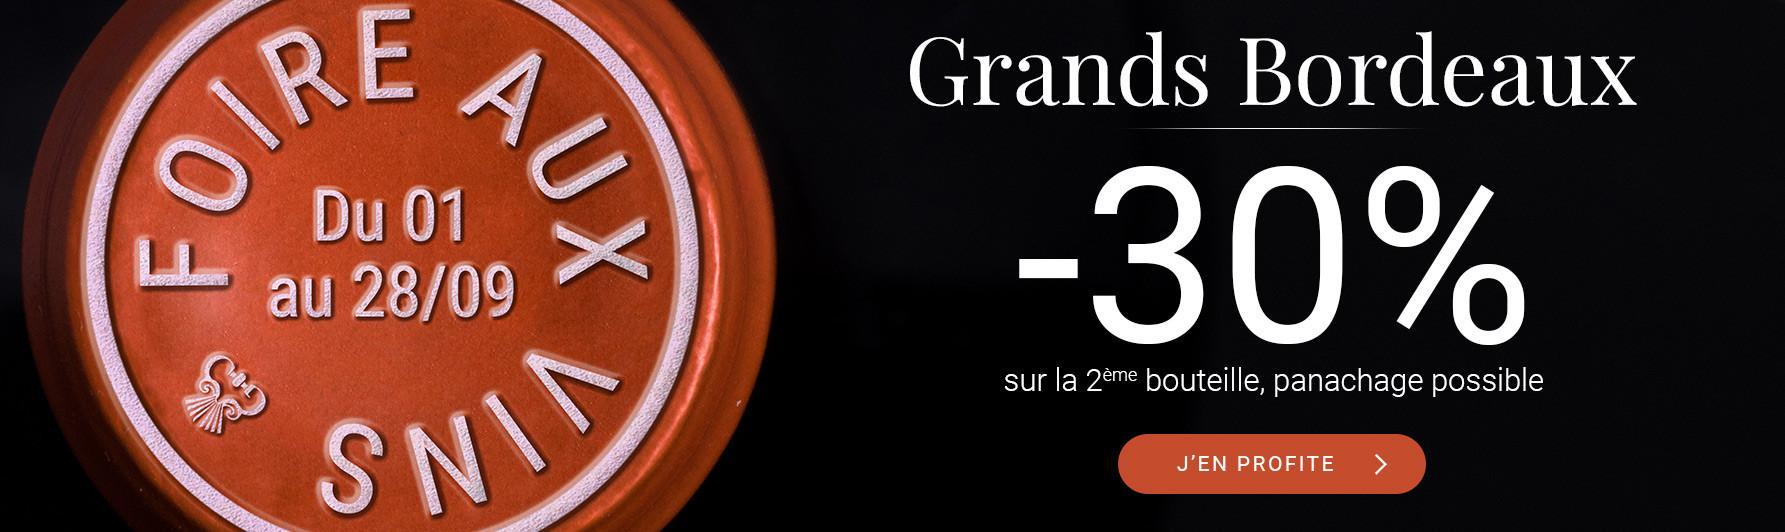 Foire aux Vins | Grands Bordeaux -30%